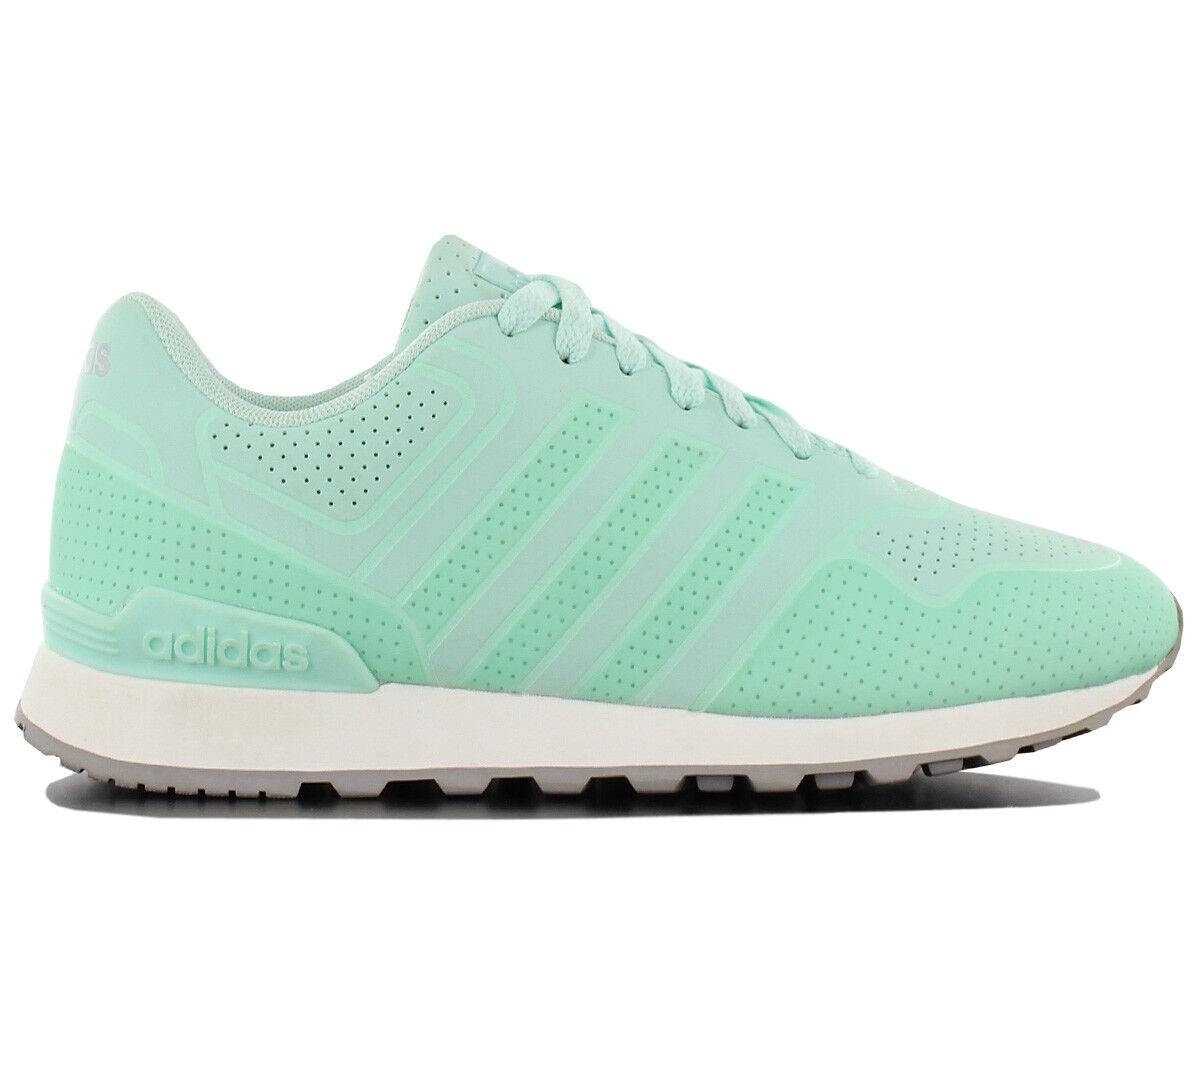 Adidas 10K Casual W AW5178 Damen Sneaker Fashion Schuhe Mint-Grün Turnschuhe AW5178 W 8ada99